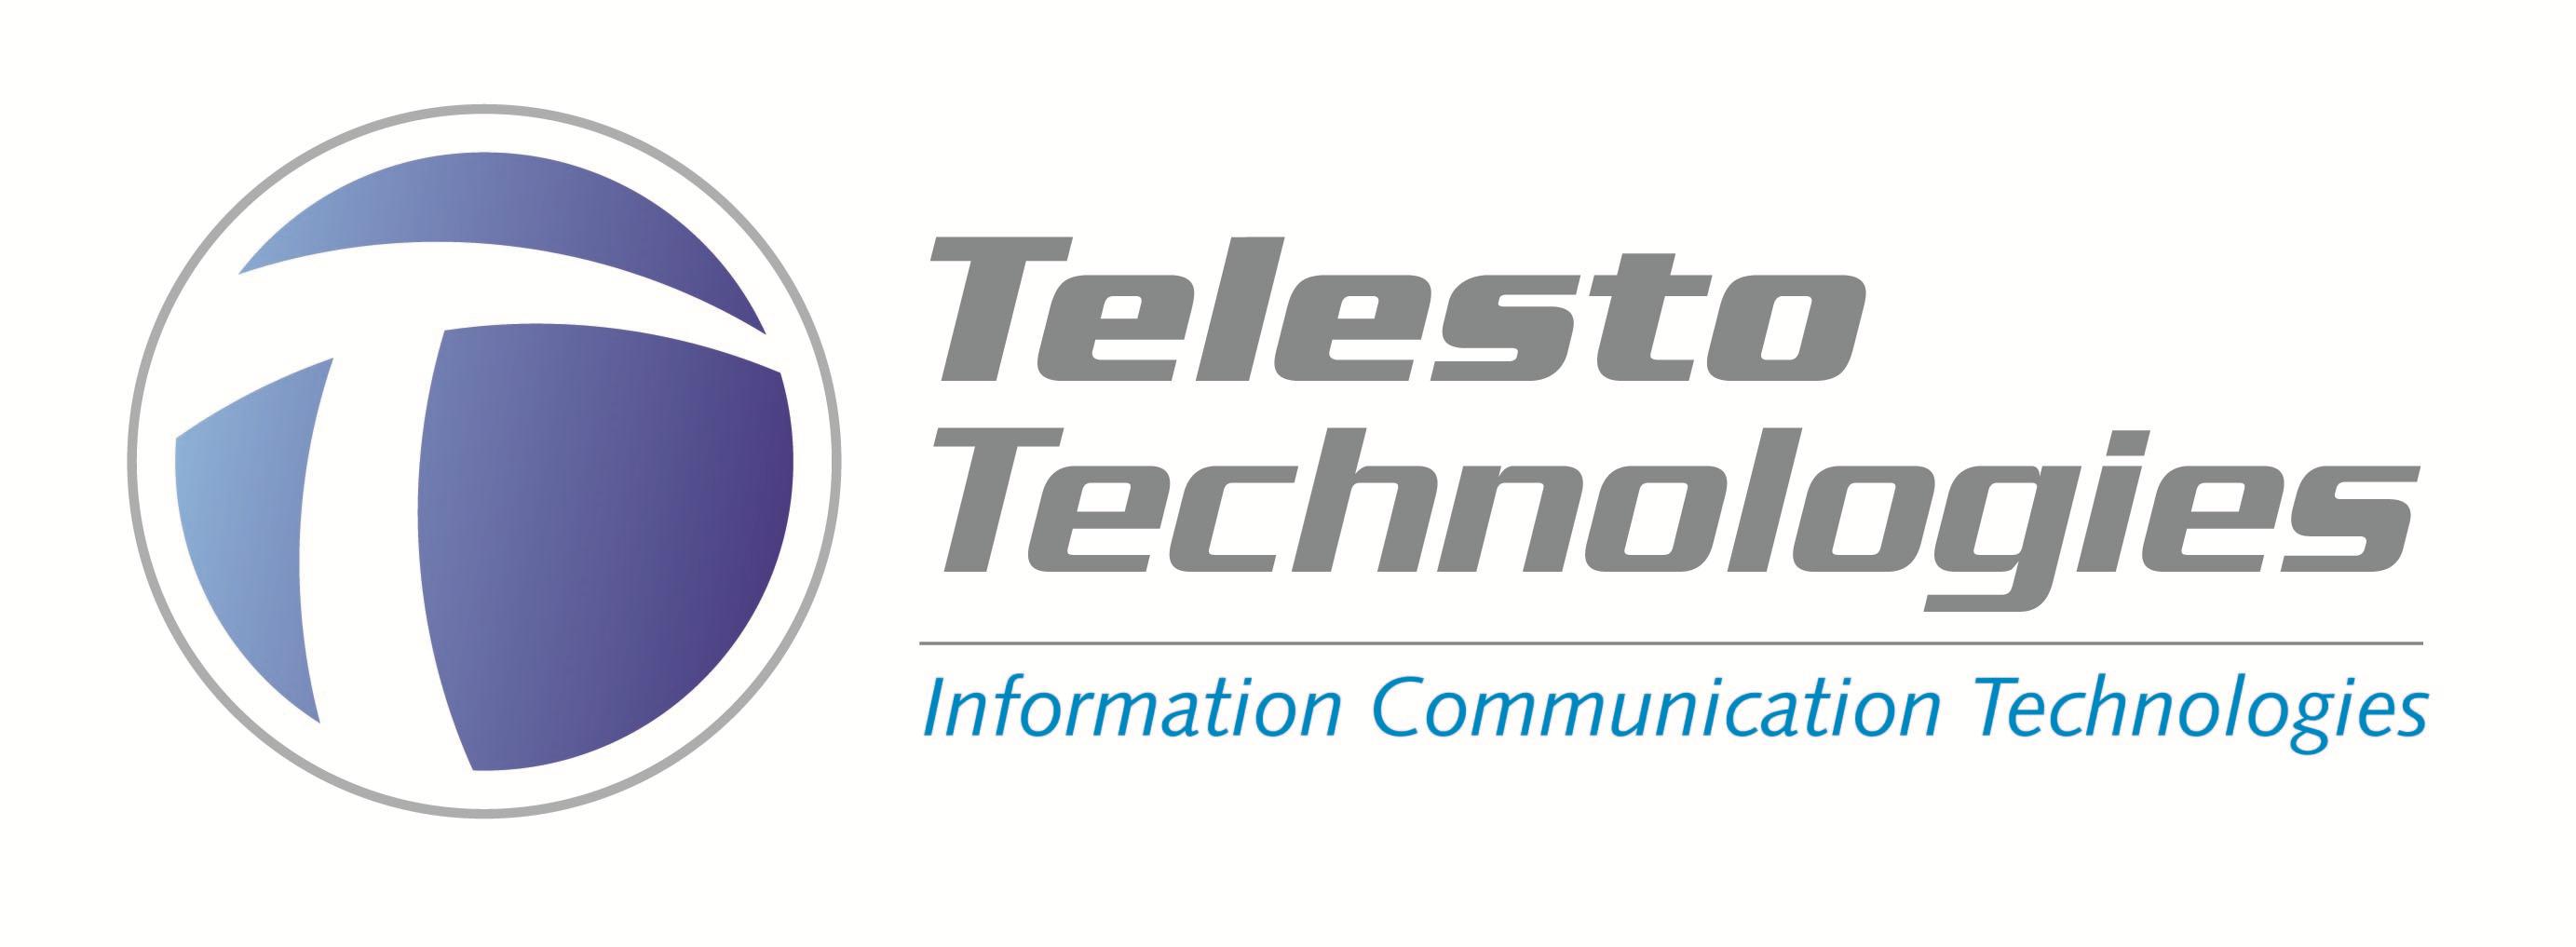 Η Telesto είναι ένας από τους 13 Ελληνικούς φορείς καινοτομίας που παρουσίασαν το Ελληνικό Μανιφέστο για τη νεοφυή επιχειρηματικότητα